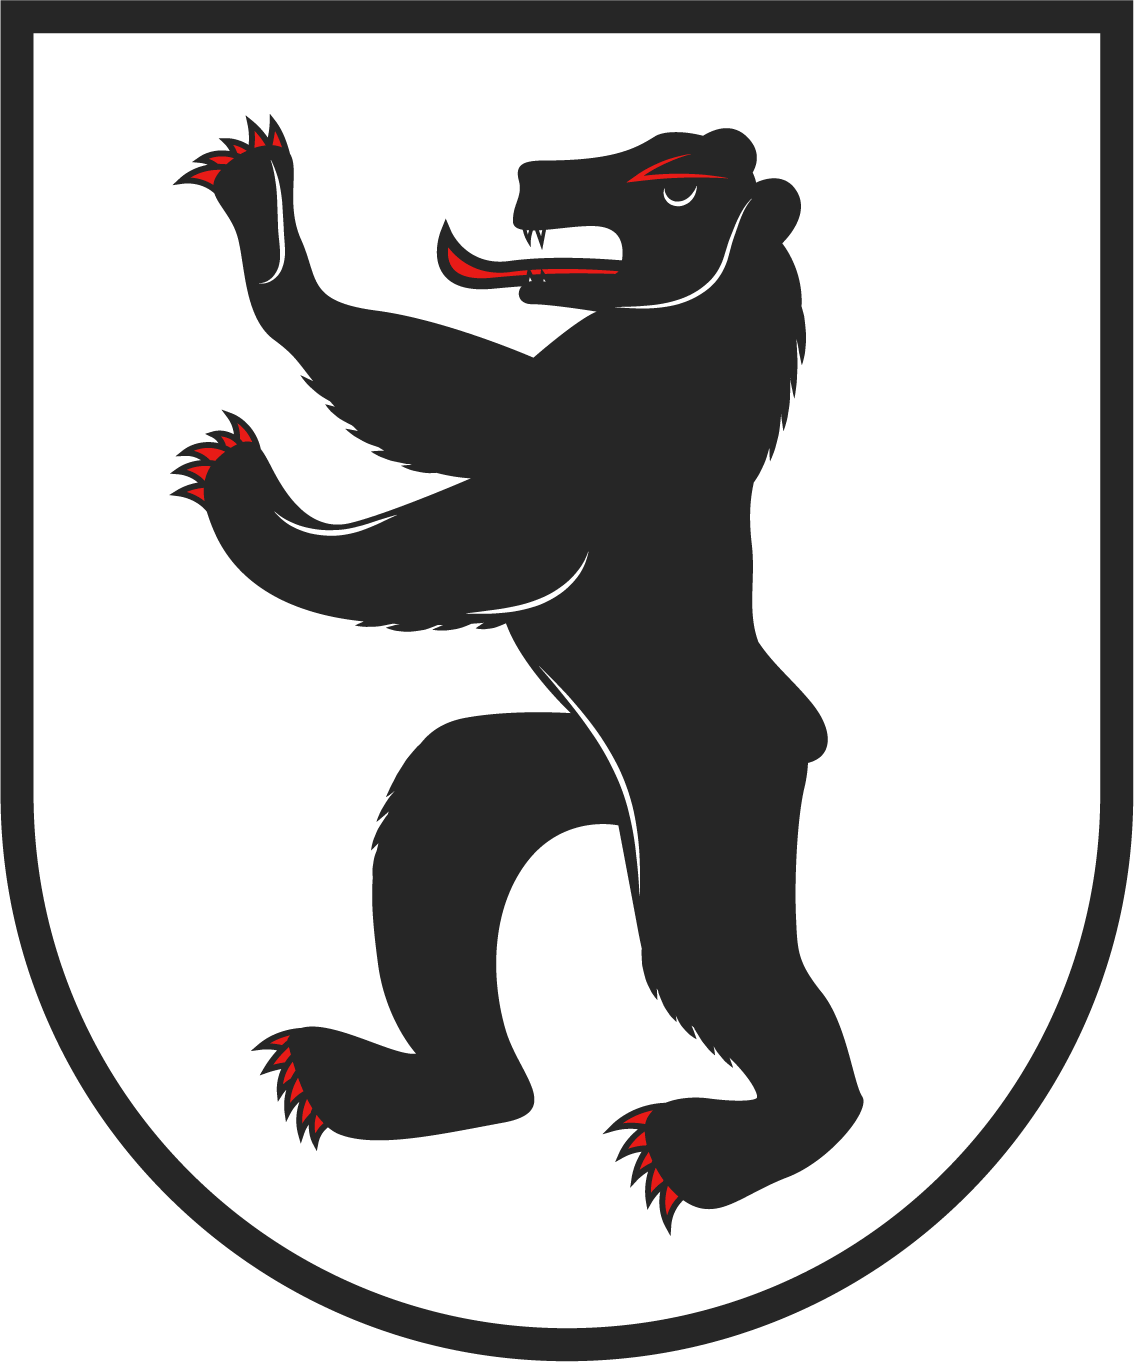 Wappen des Kantons Appenzell-Innerrhoden